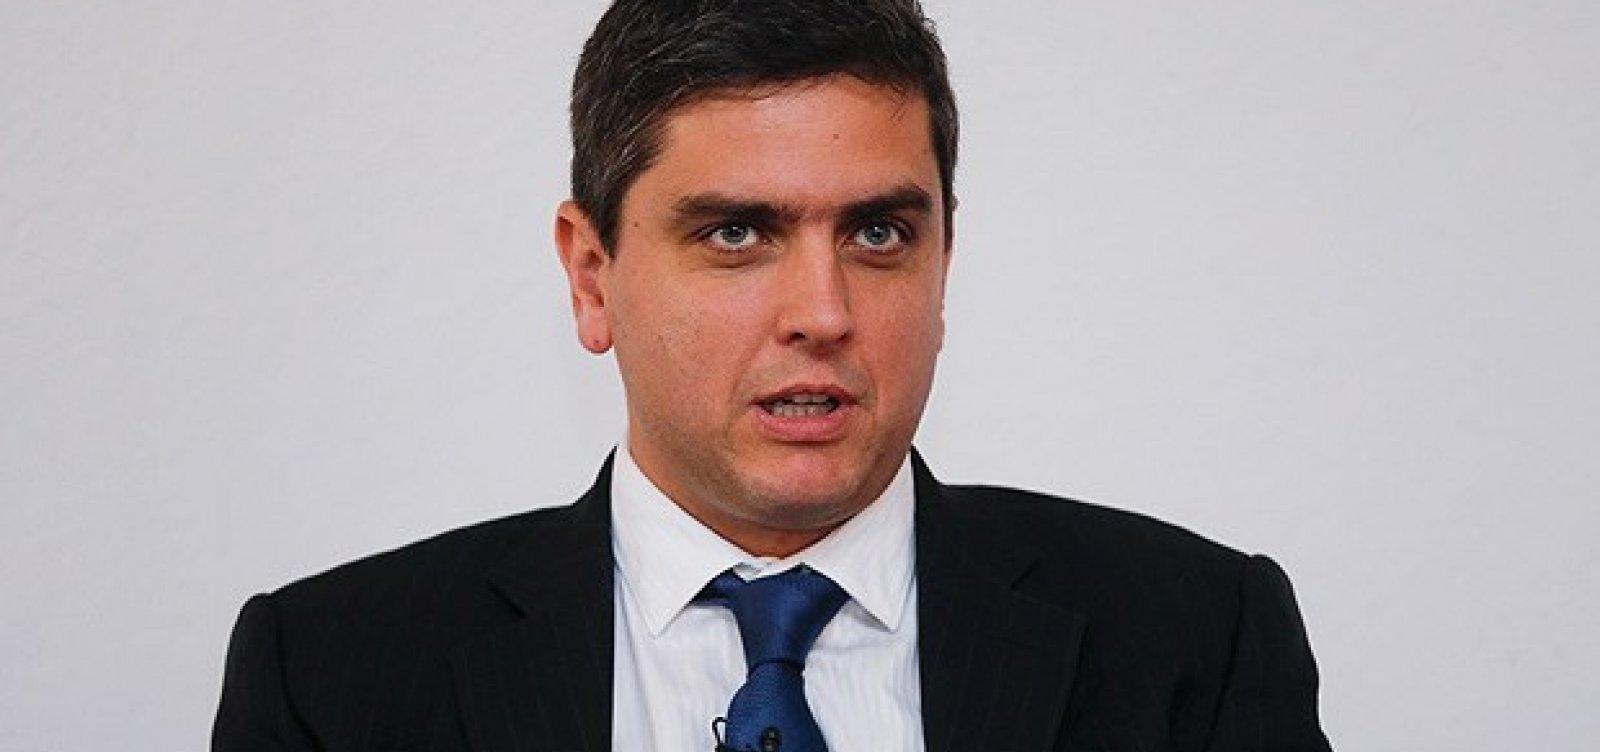 Fábio Zanini avalia primeiros 100 dias do governo Bolsonaro: 'Está difícil achar comparável'